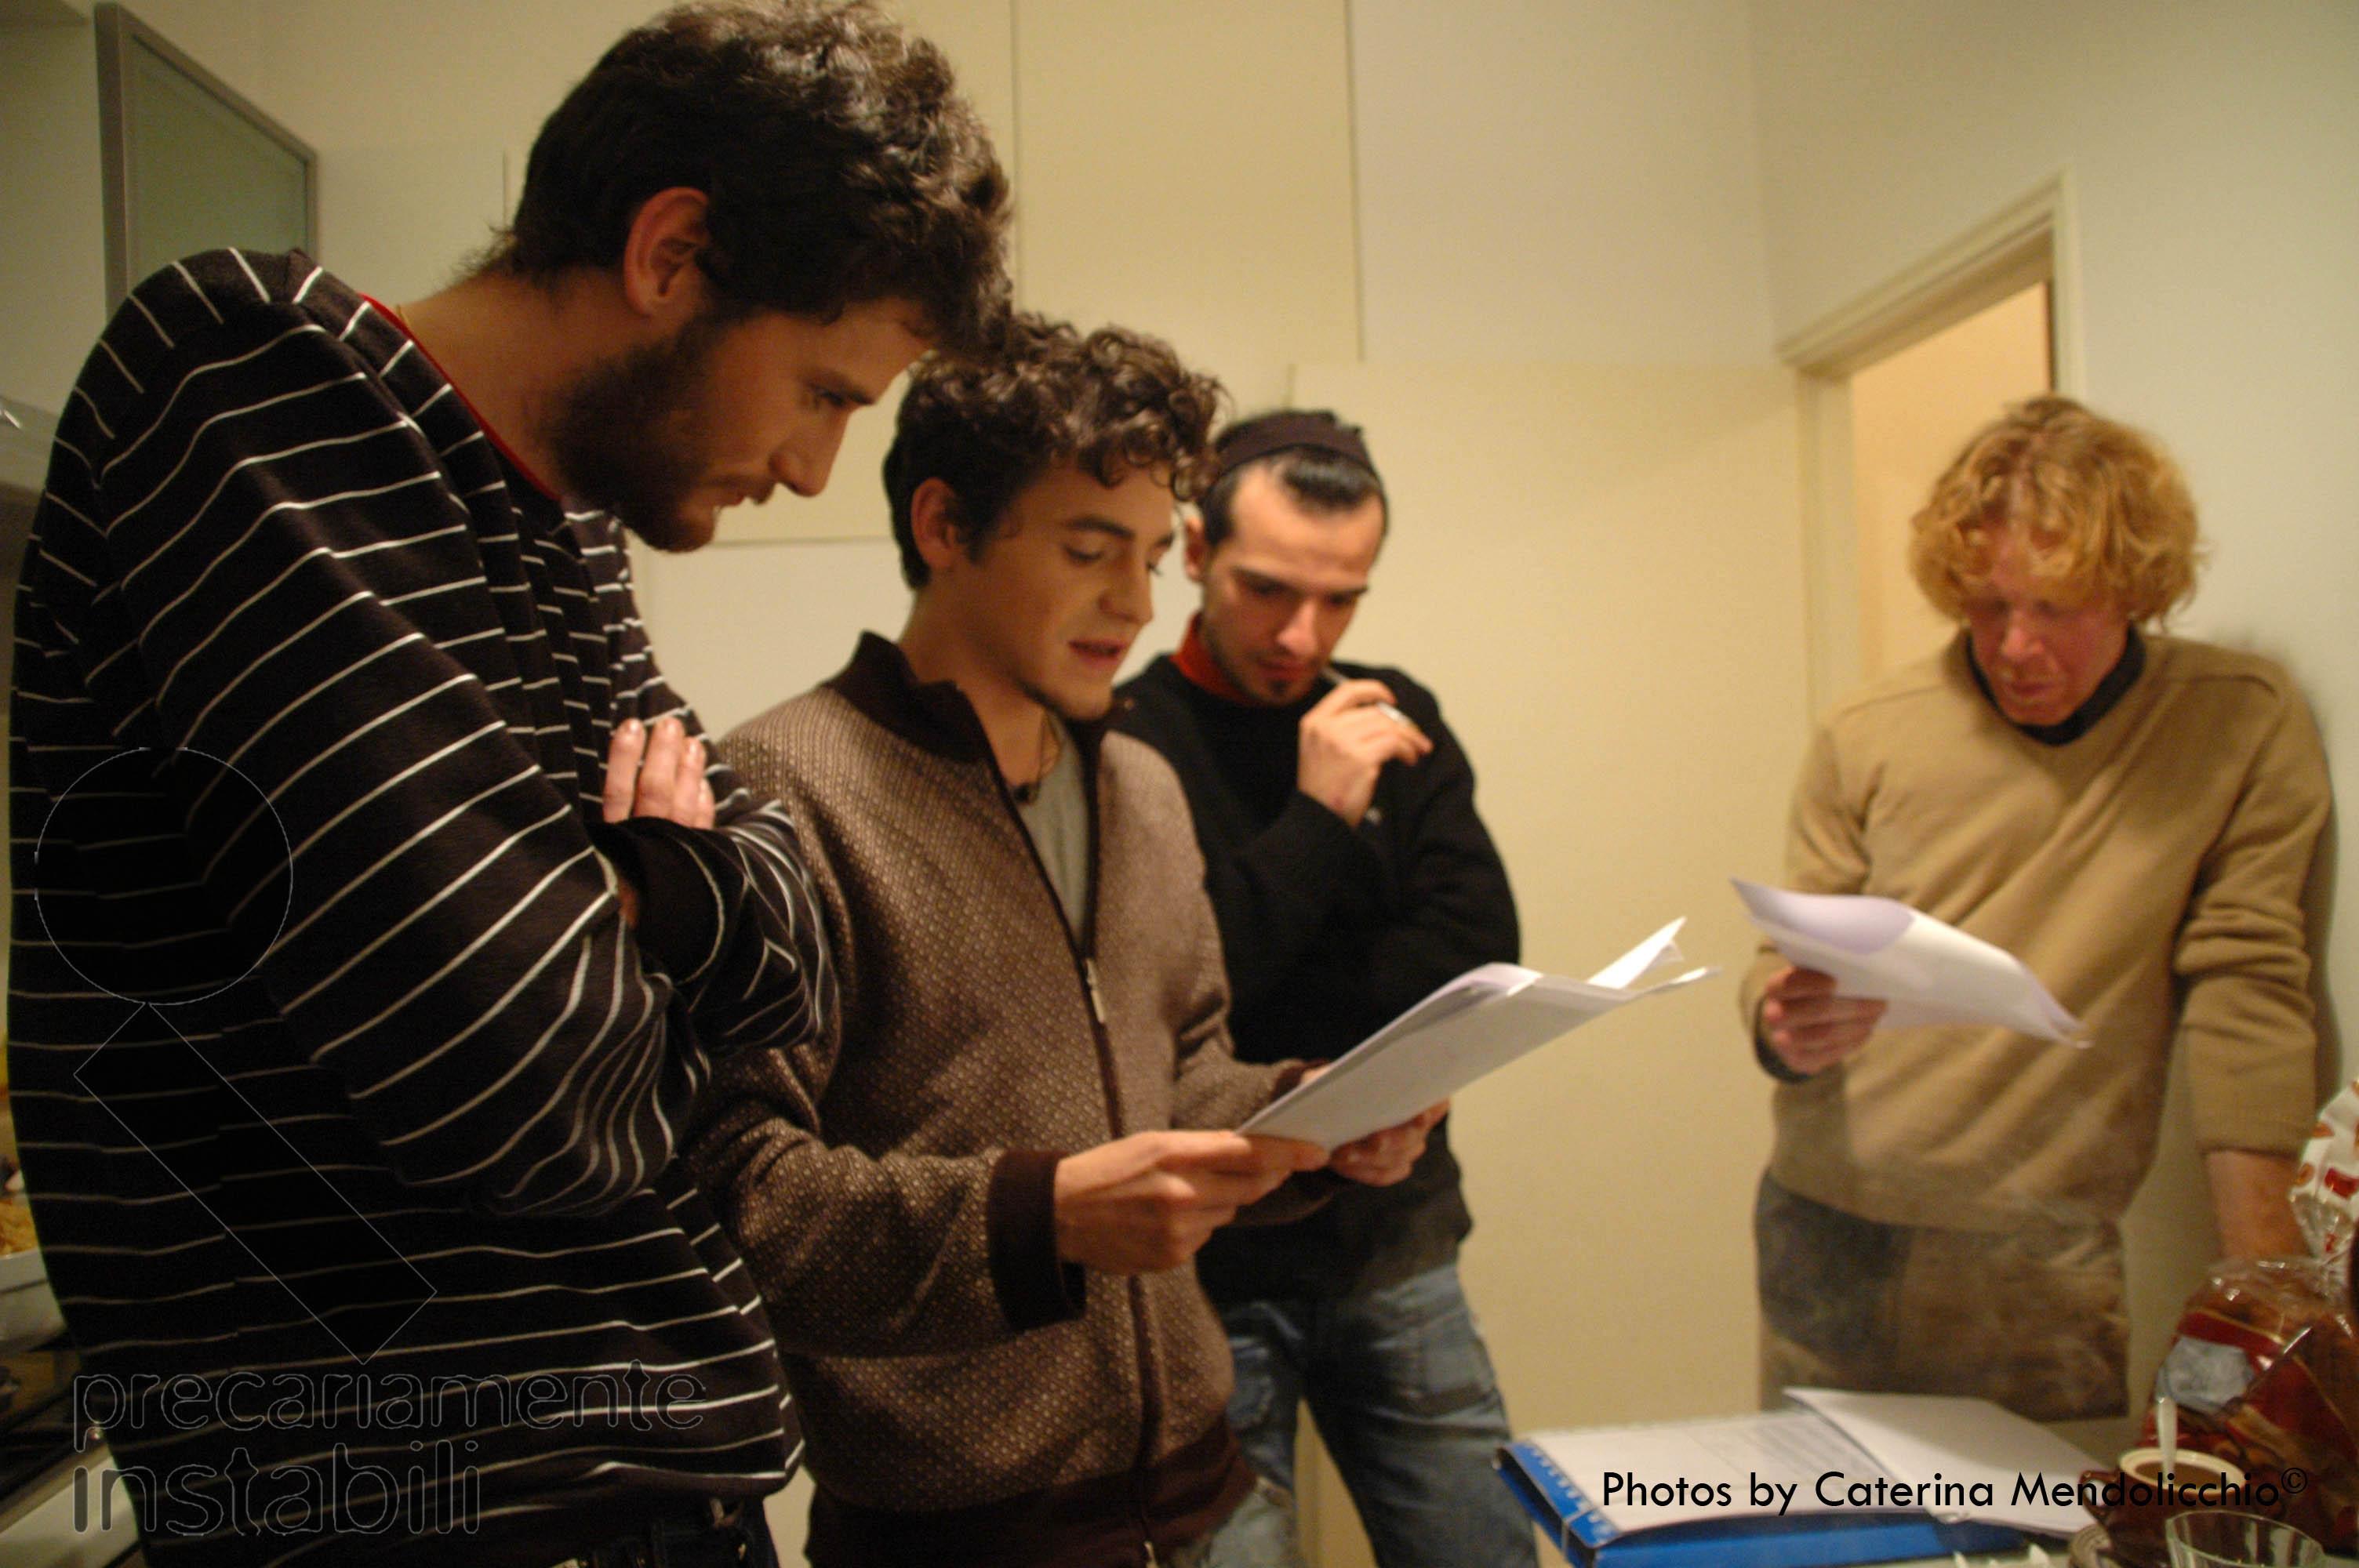 014-Precariamente instabili - regia di Luigi Scaglione